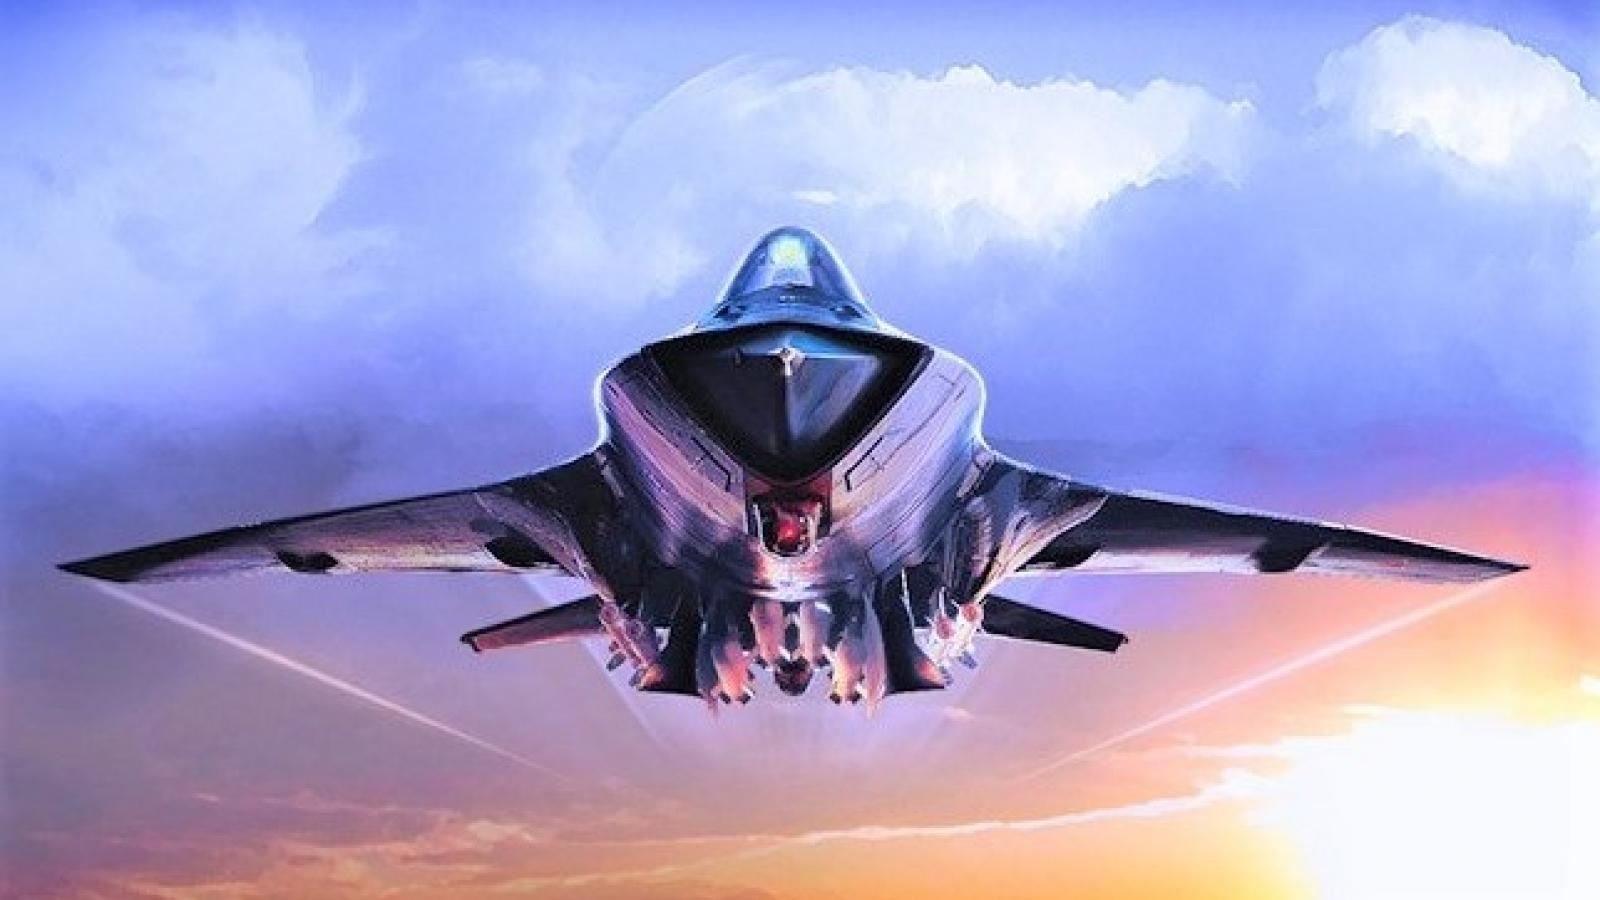 Tiêm kích đánh chặn thế hệ mới MiG-41 - Chiến đấu cơ nguy hiểm nhất thế giới